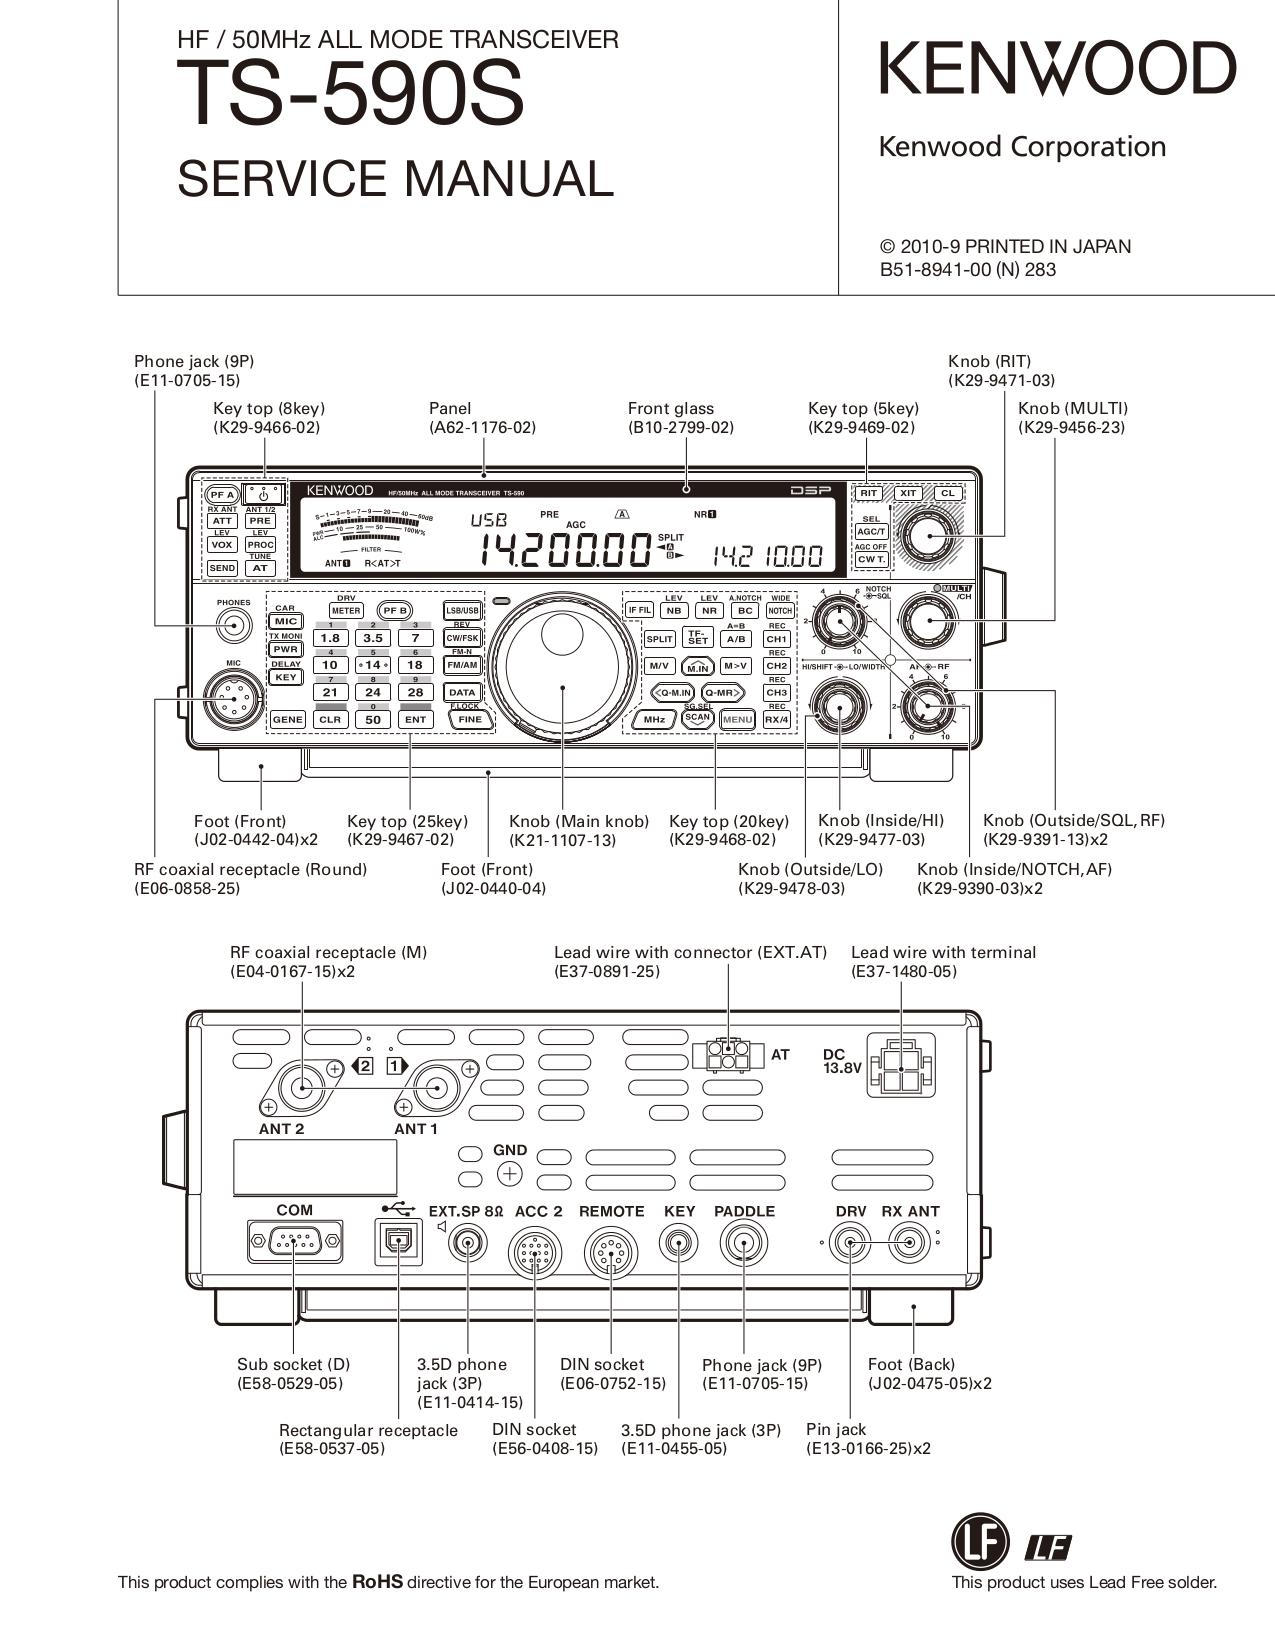 Kenwood Vr 309 owners Manual